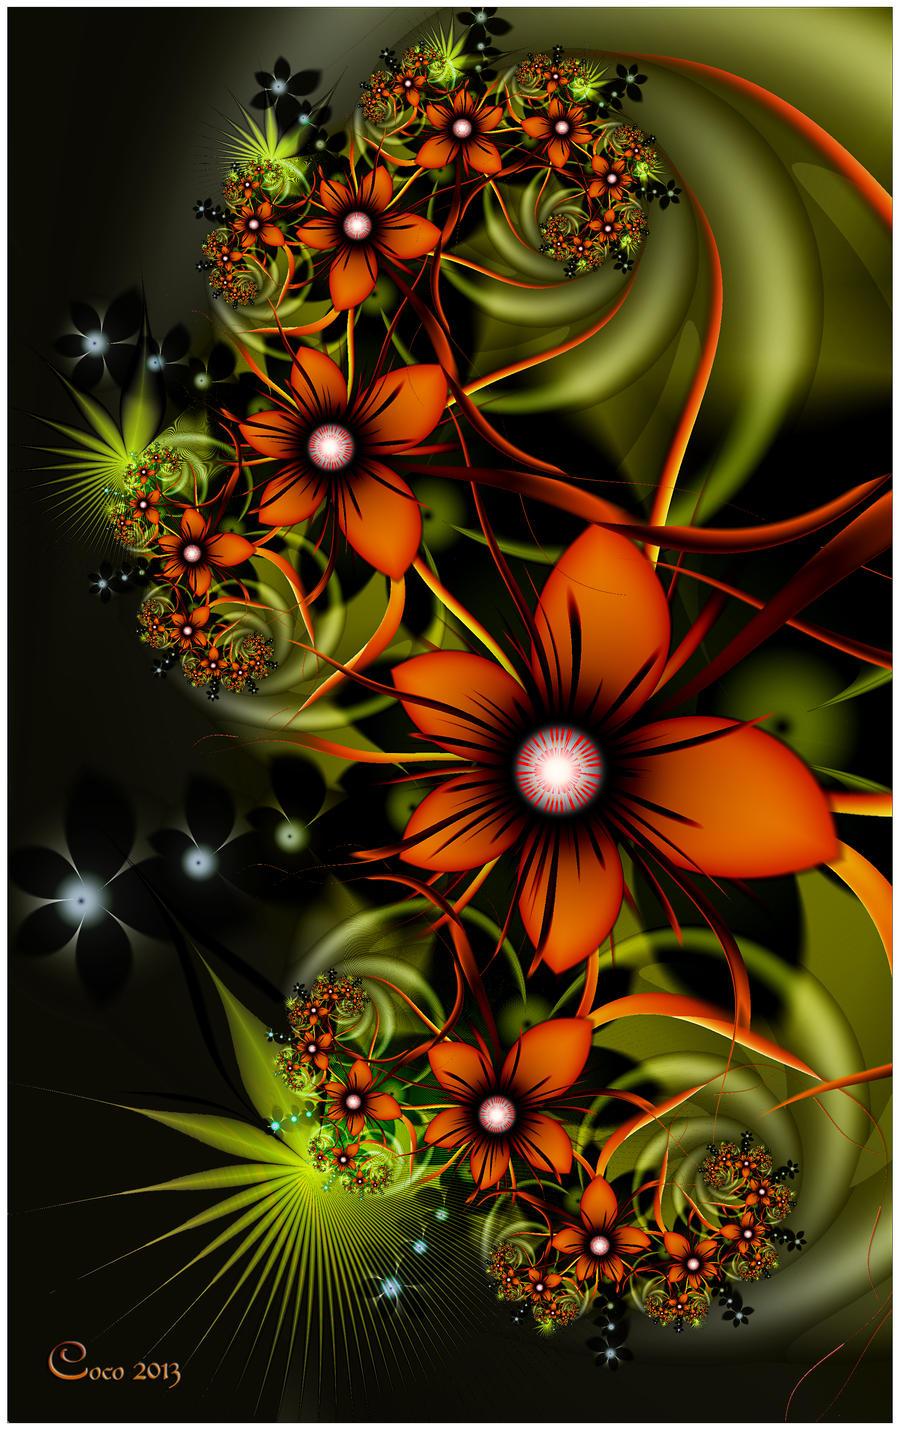 Tropical Blooms by kayandjay100